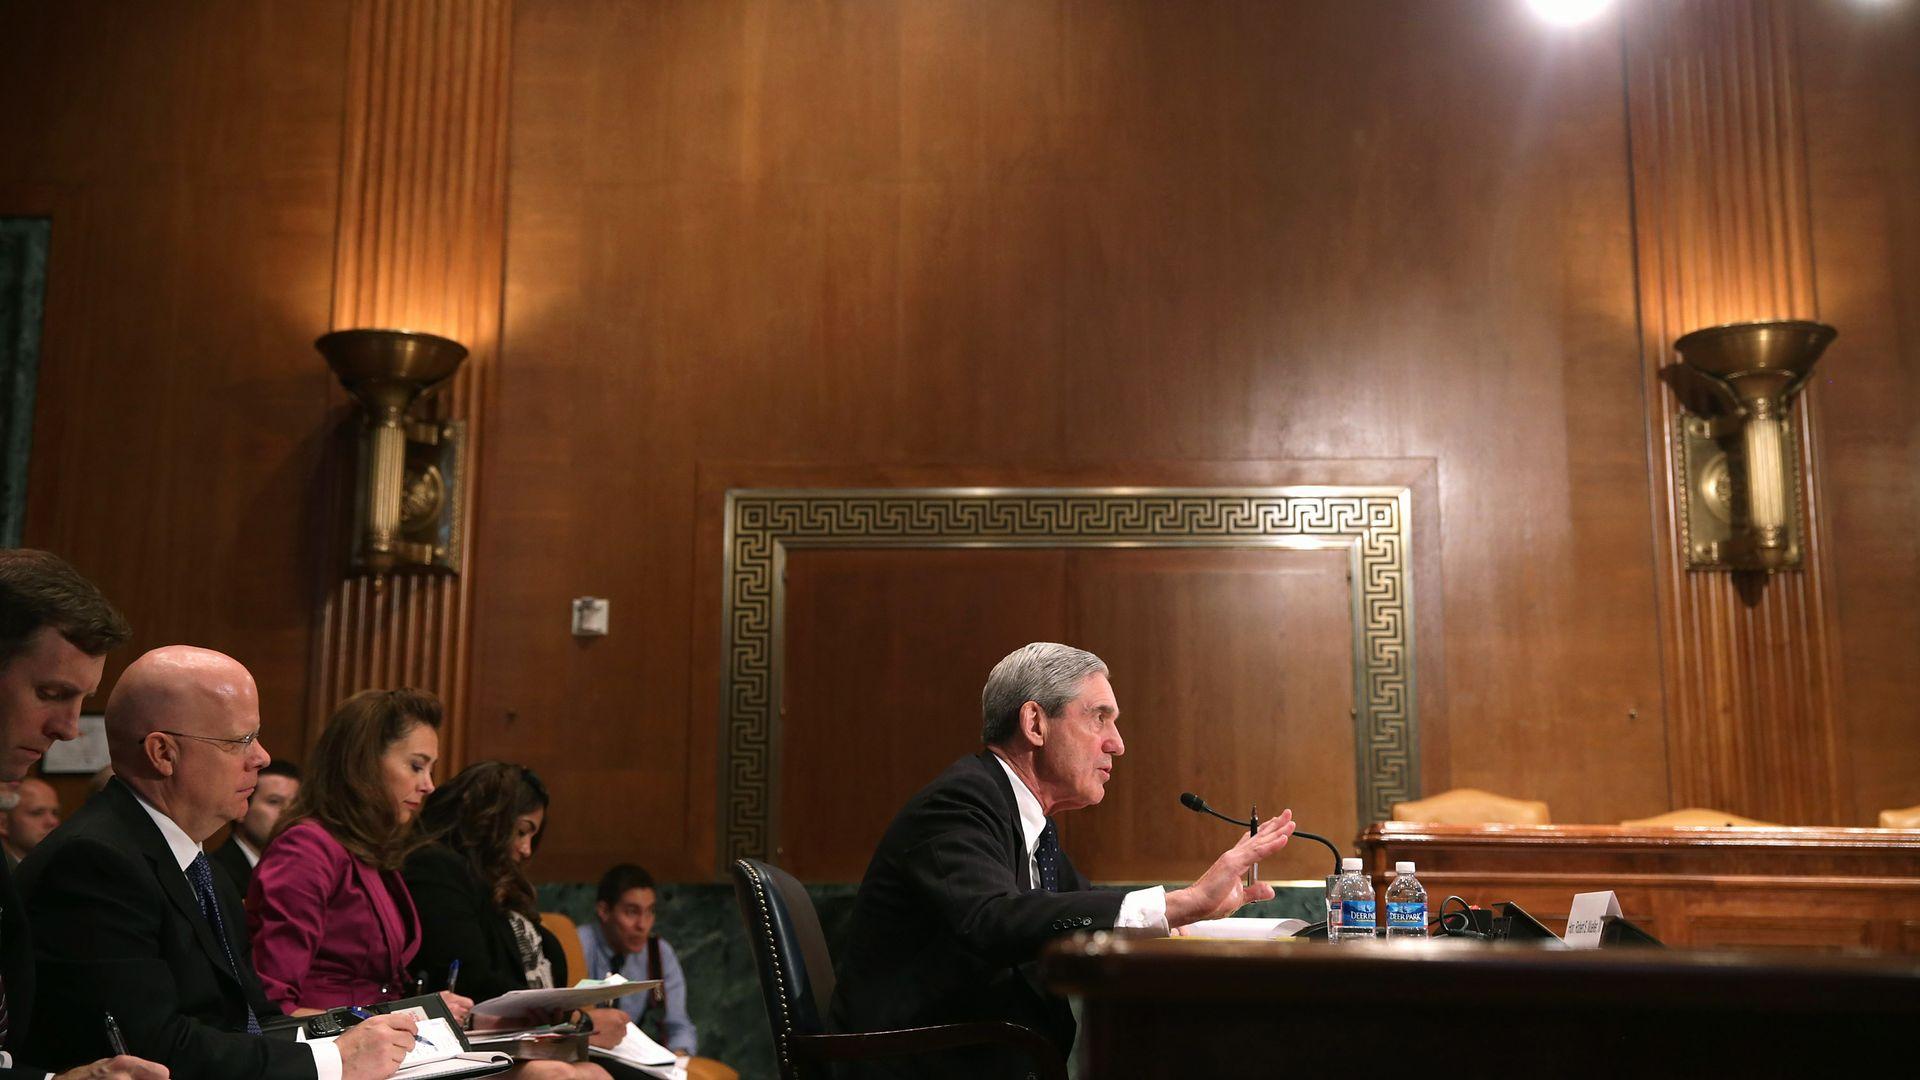 In this image, Mueller testifies